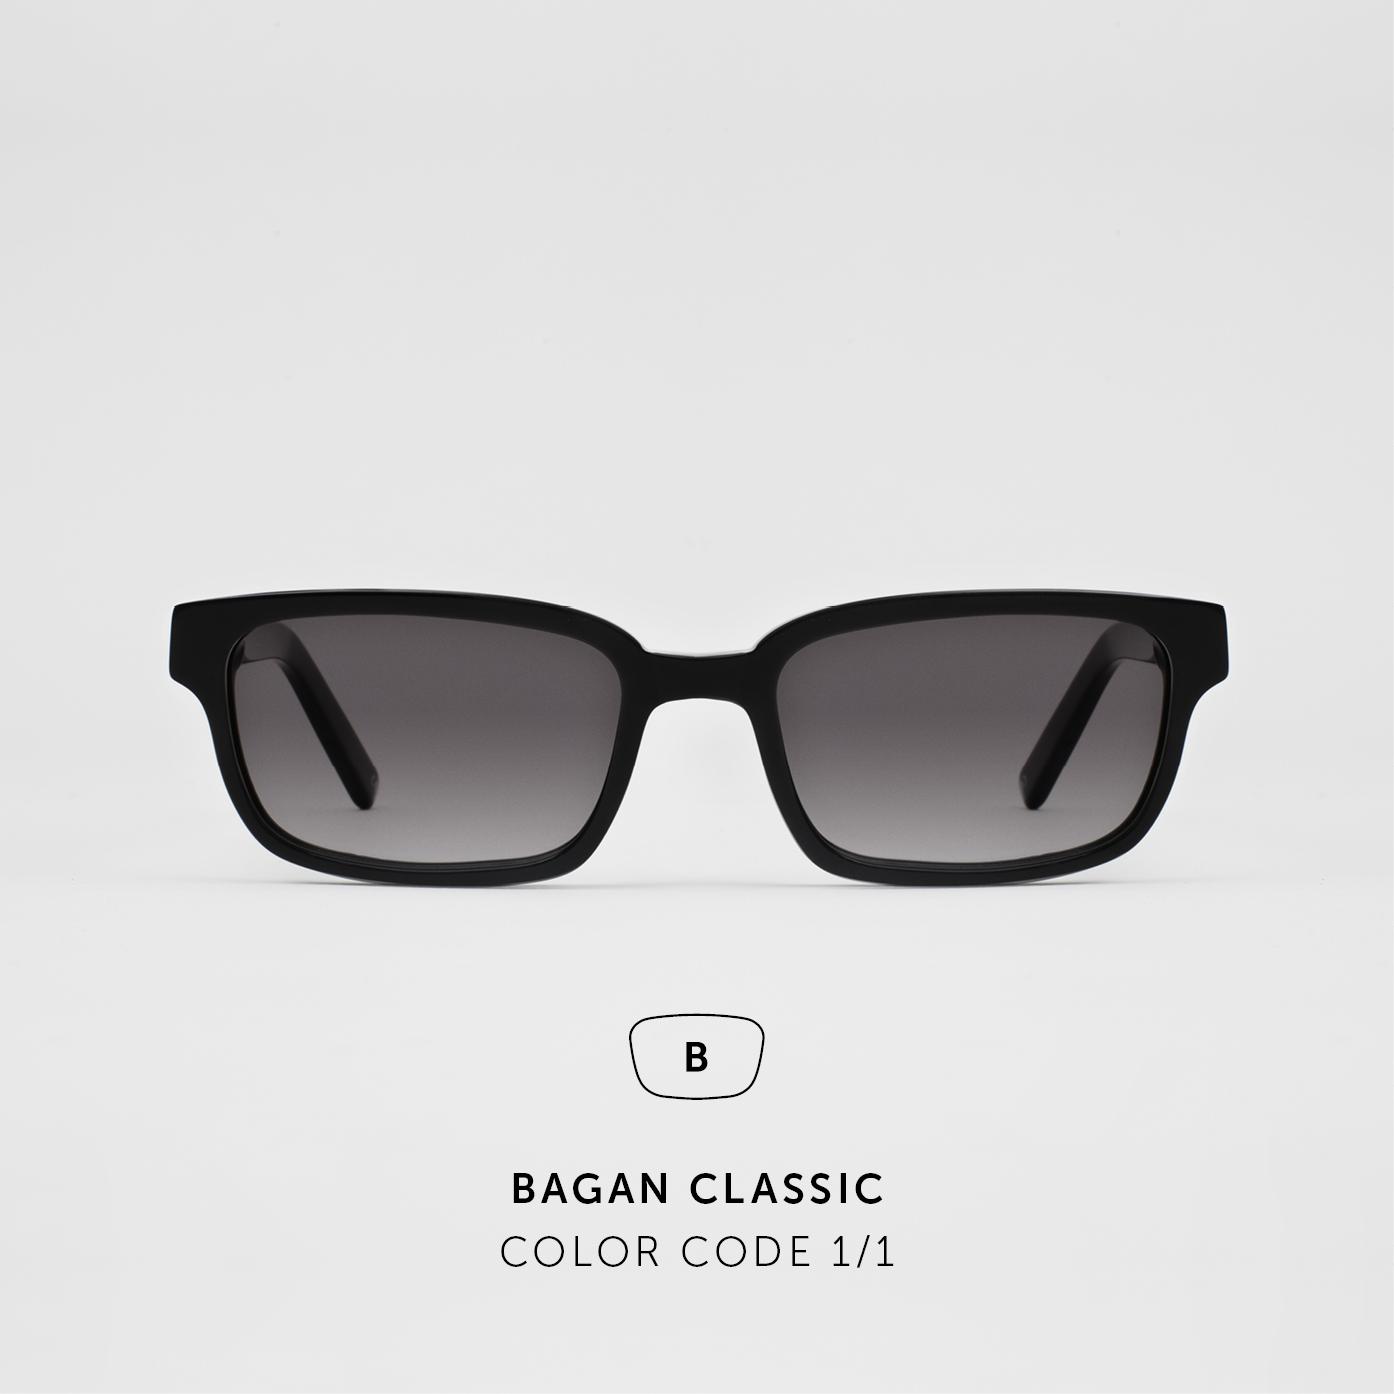 BaganClassic2.jpg